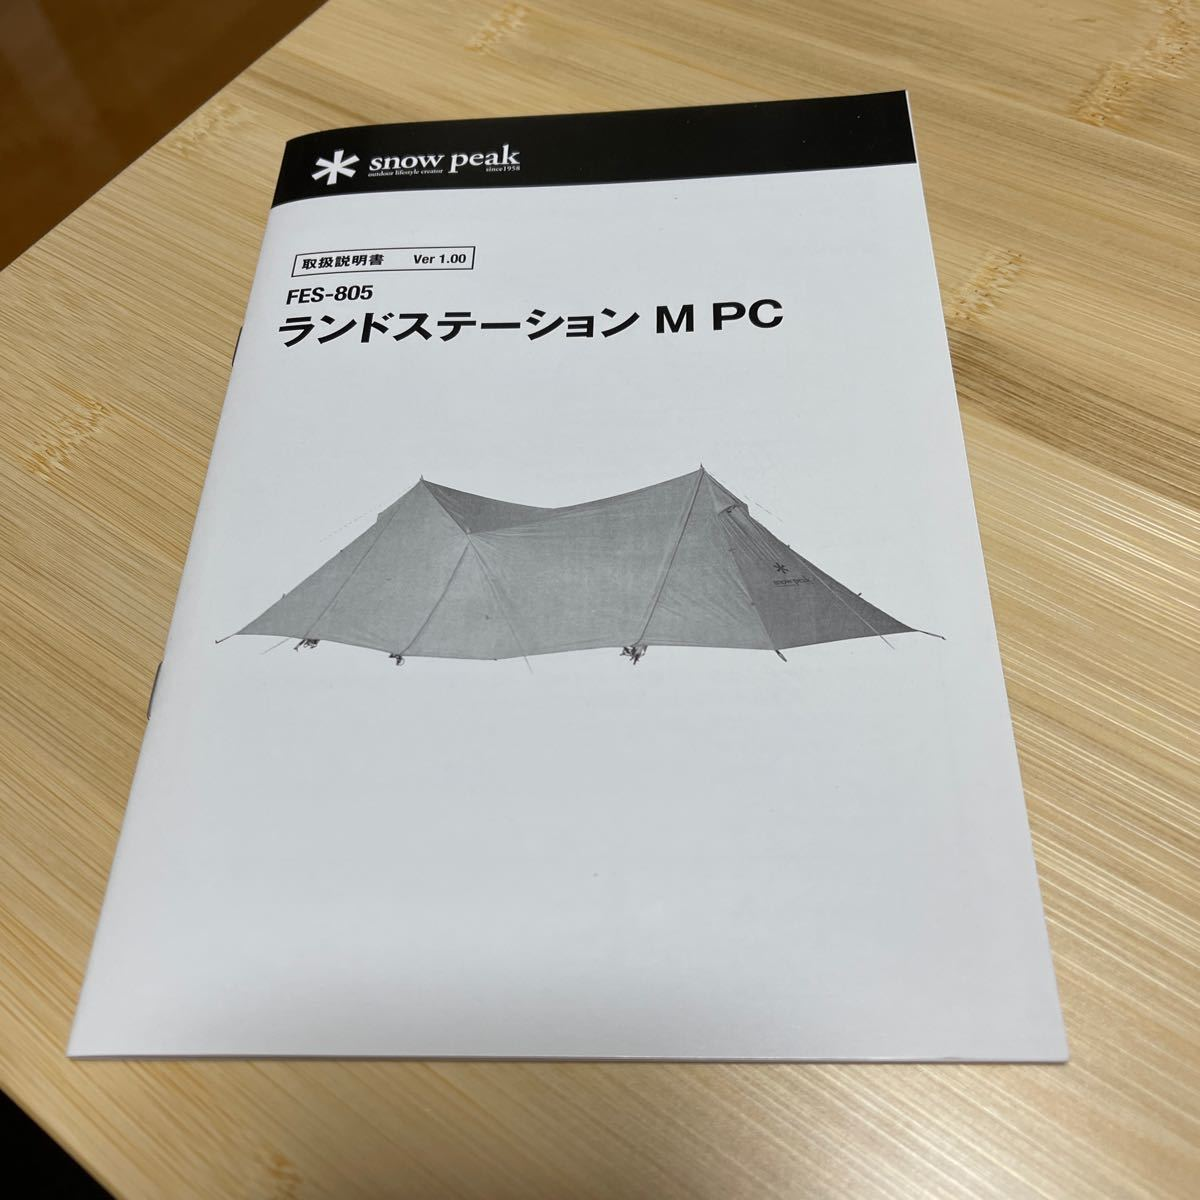 スノーピーク snow peak ランドステーションM PC FES-805 雪峰祭2020秋